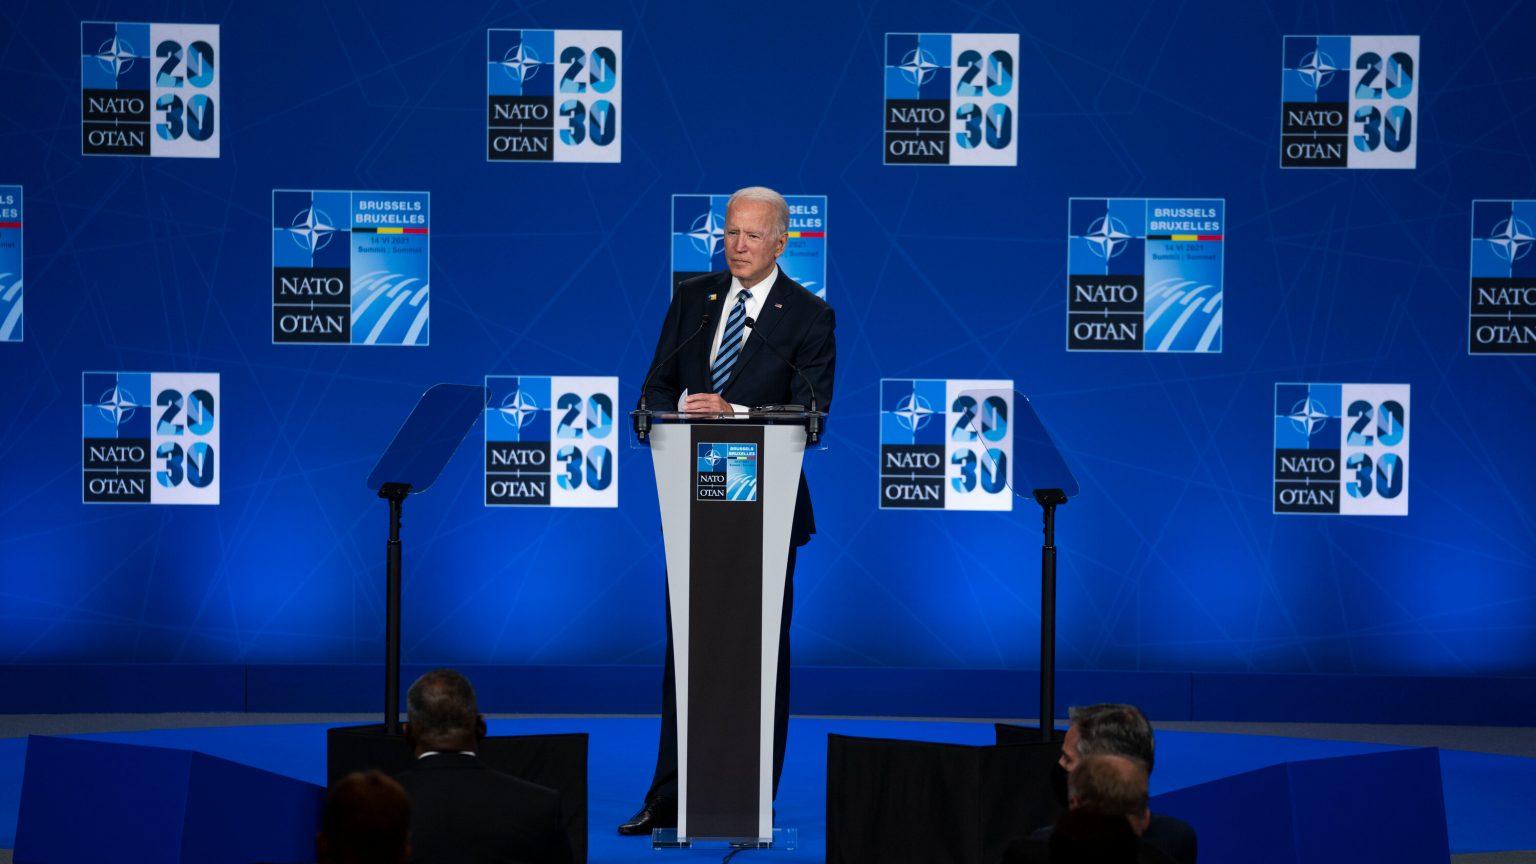 2021 NATO Summit Held in Brussels, Belgium|2021 നാറ്റോ ഉച്ചകോടി ബെൽജിയത്തിലെ ബ്രസ്സൽസിൽ നടന്നു_40.1